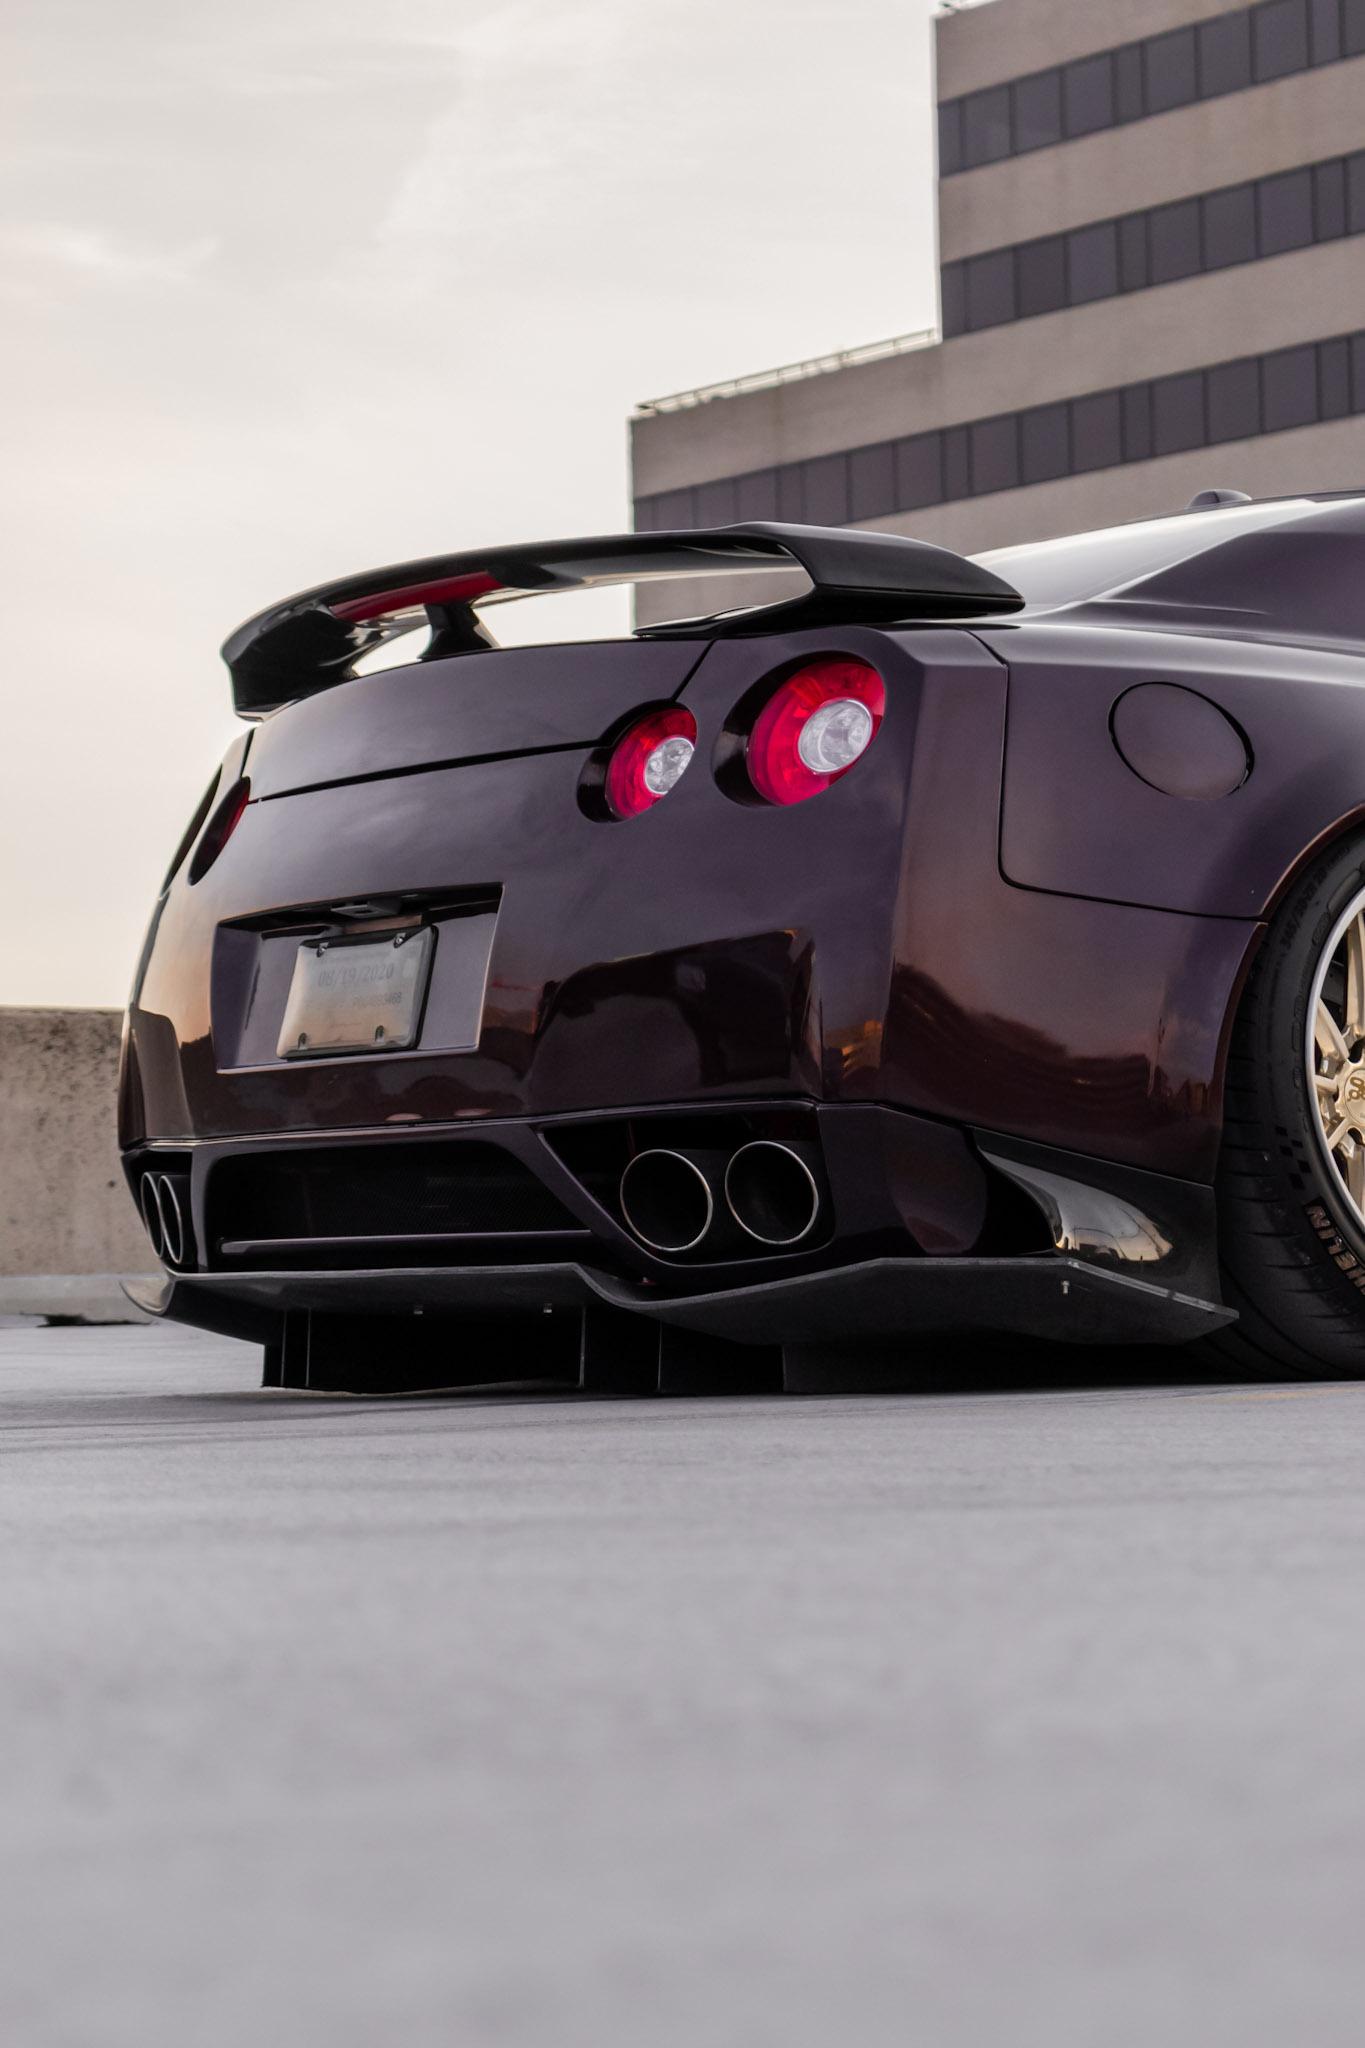 Nissan GTR GT3 Rear Diffuser